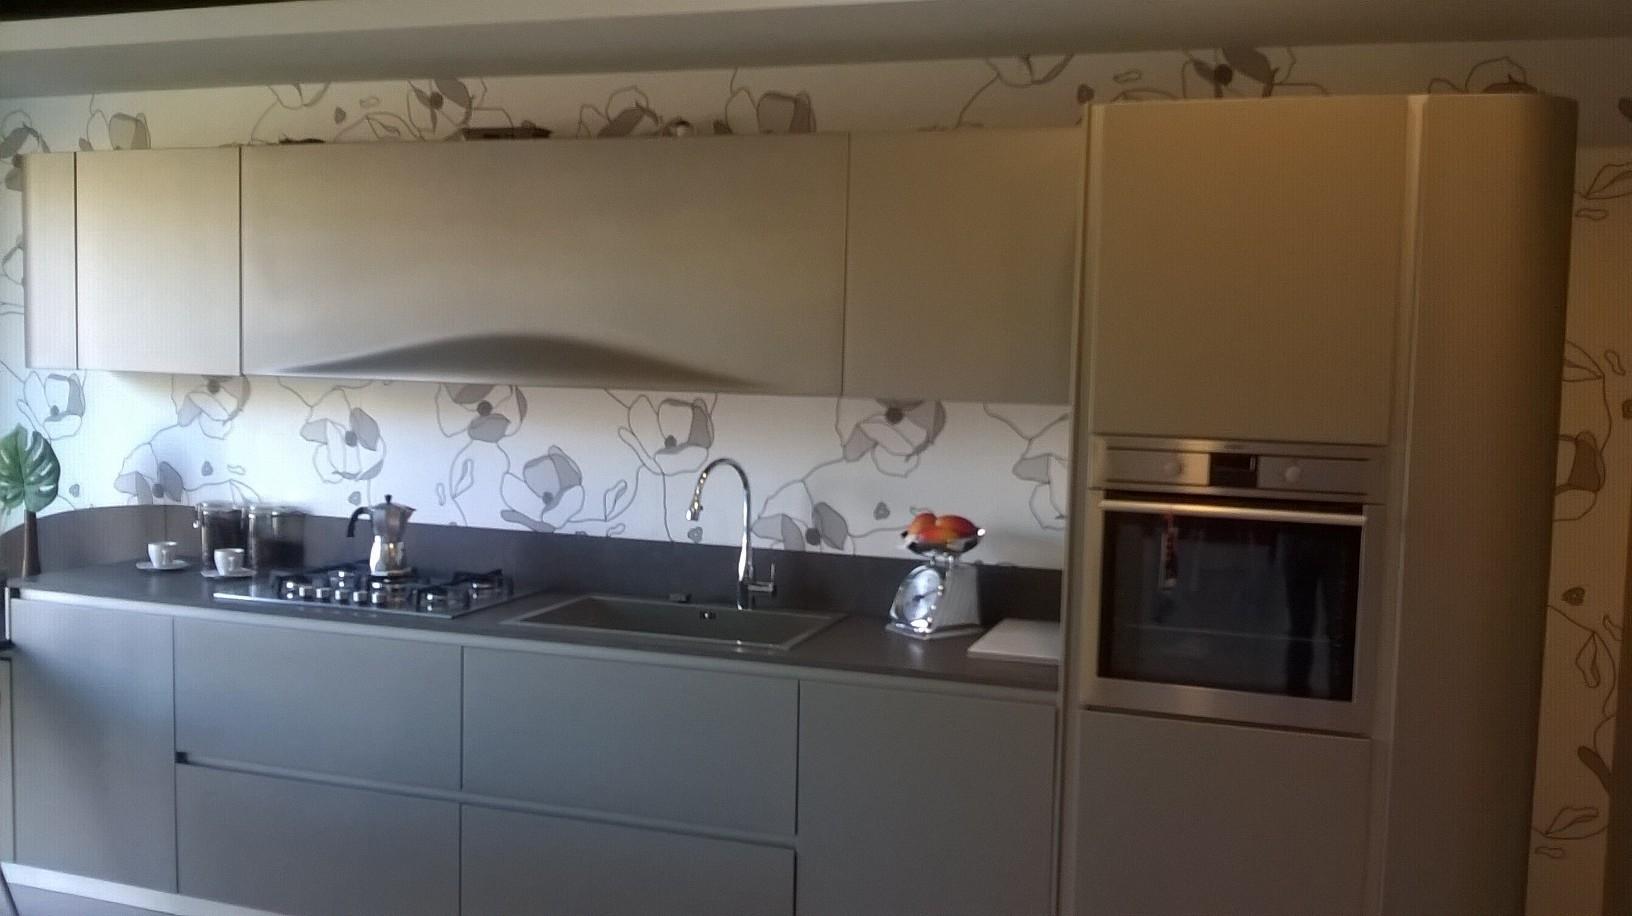 Cucina Snaidero Ola 20 Design Laccato Opaco grigio - Cucine a prezzi scontati